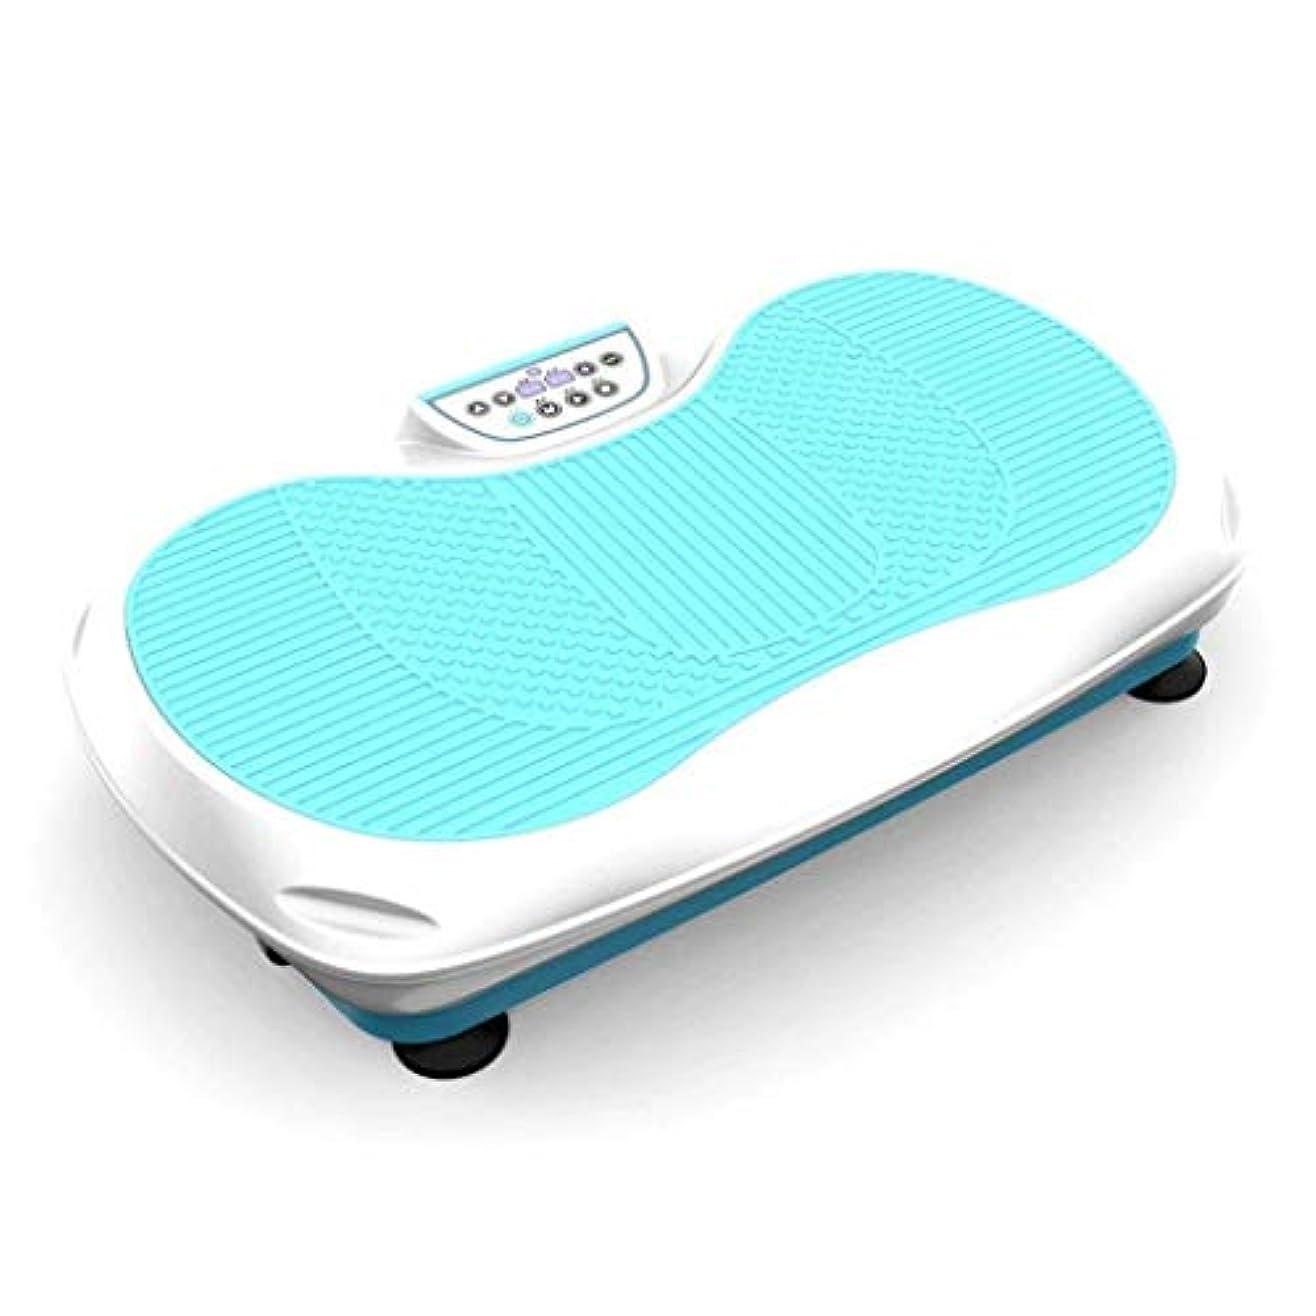 備品対角線貫通するホーム減量デバイス、バイブレーションフィットネストレーナー、スポーツおよび3Dフィットネスバイブレーションボード、リモートコントロールおよび99減量、ユニセックス、過剰な脂肪の削減 (Color : 青)